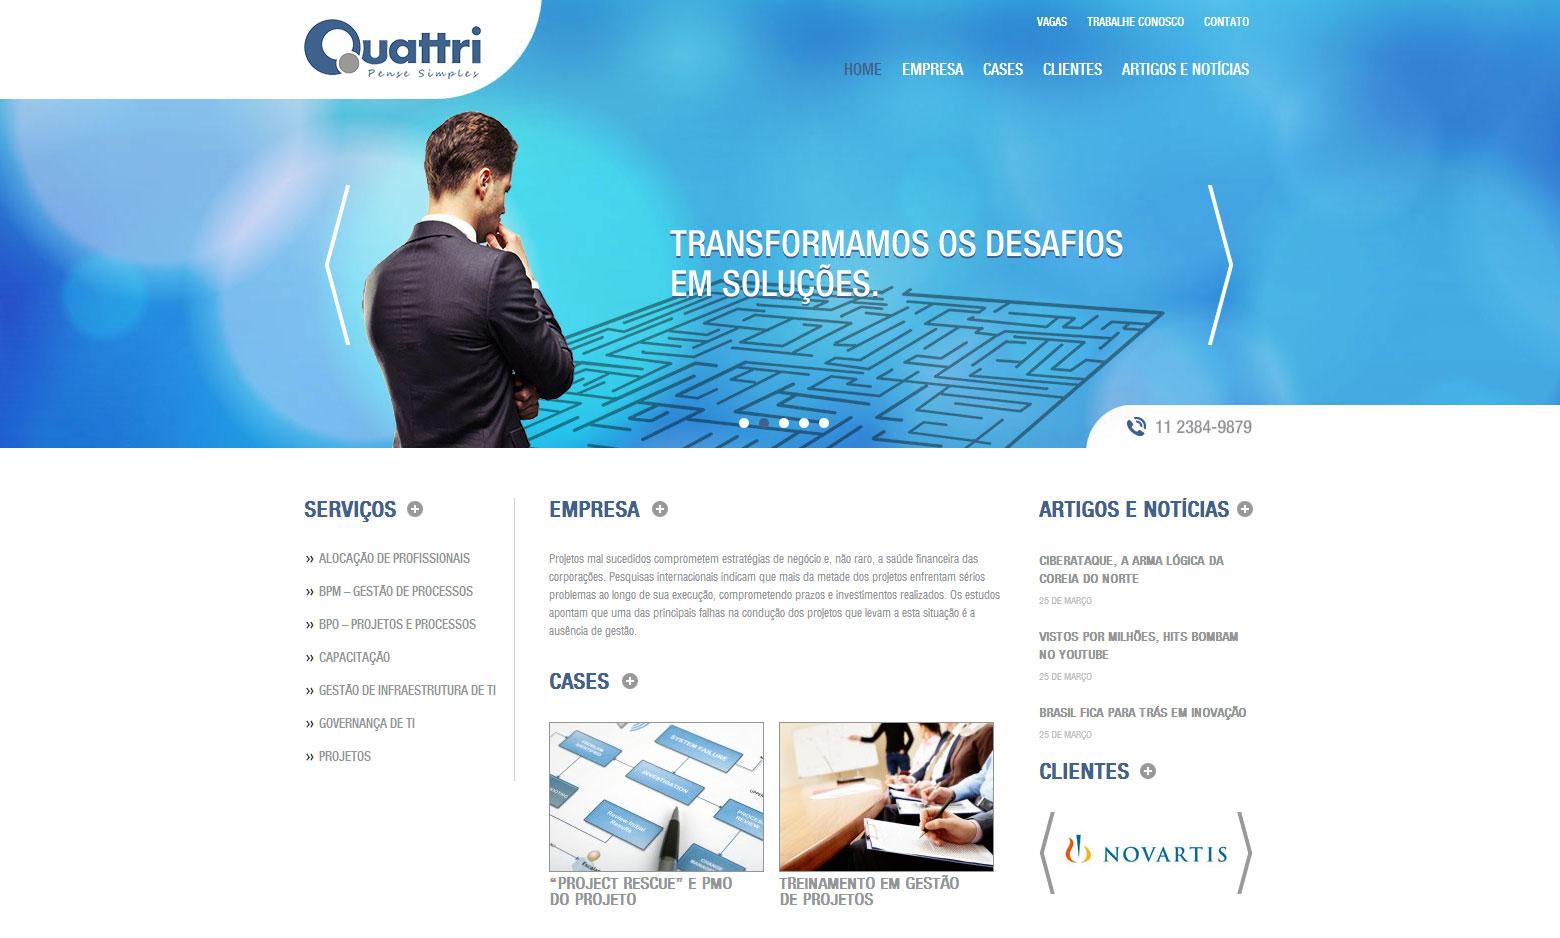 Criação do Site Quattri